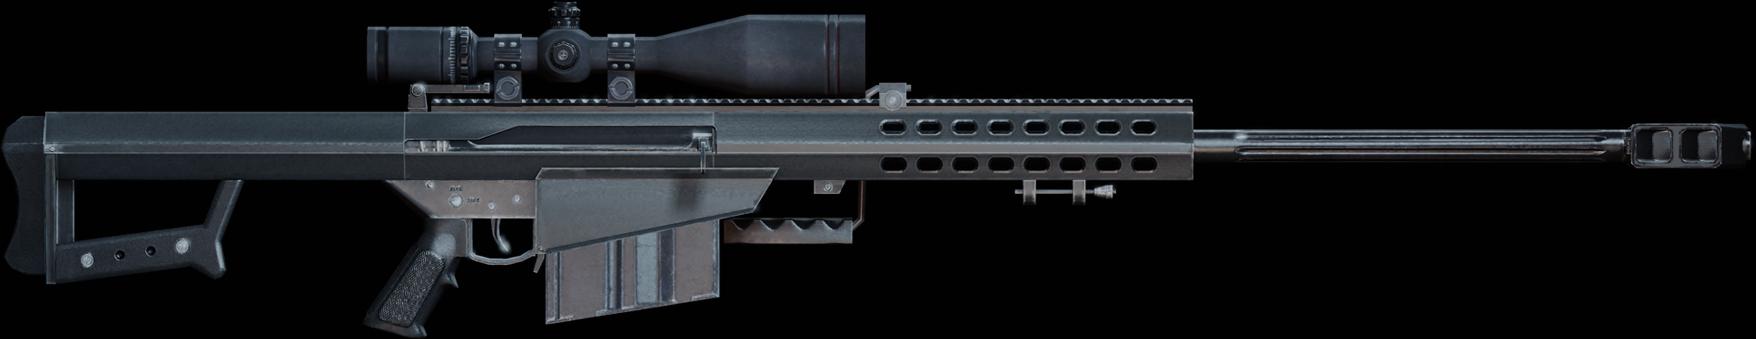 Barret M82(永久)